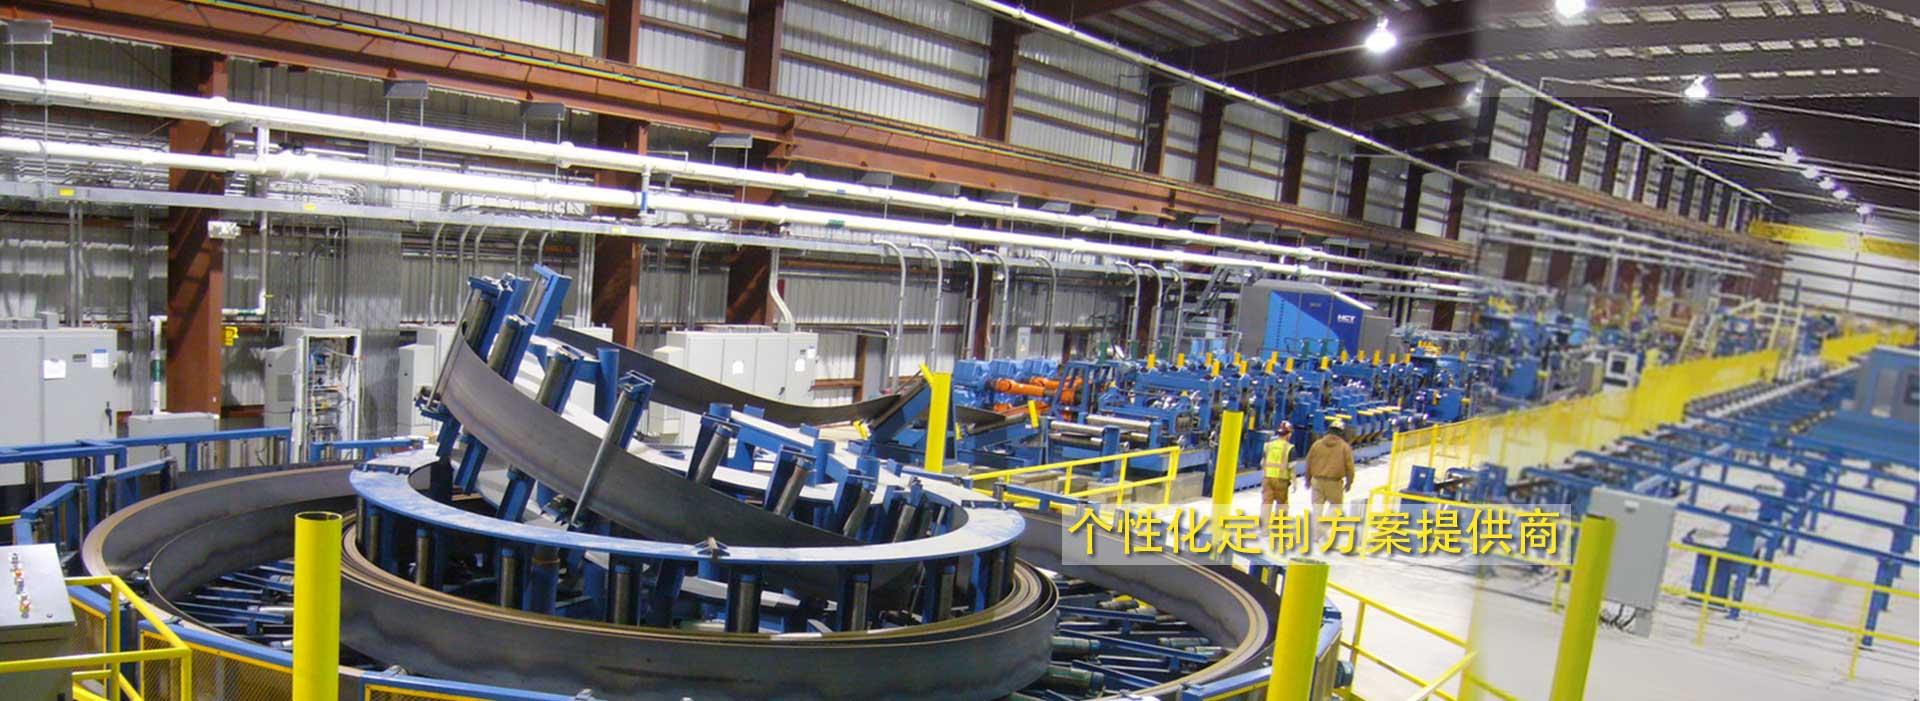 API石油管线生产线